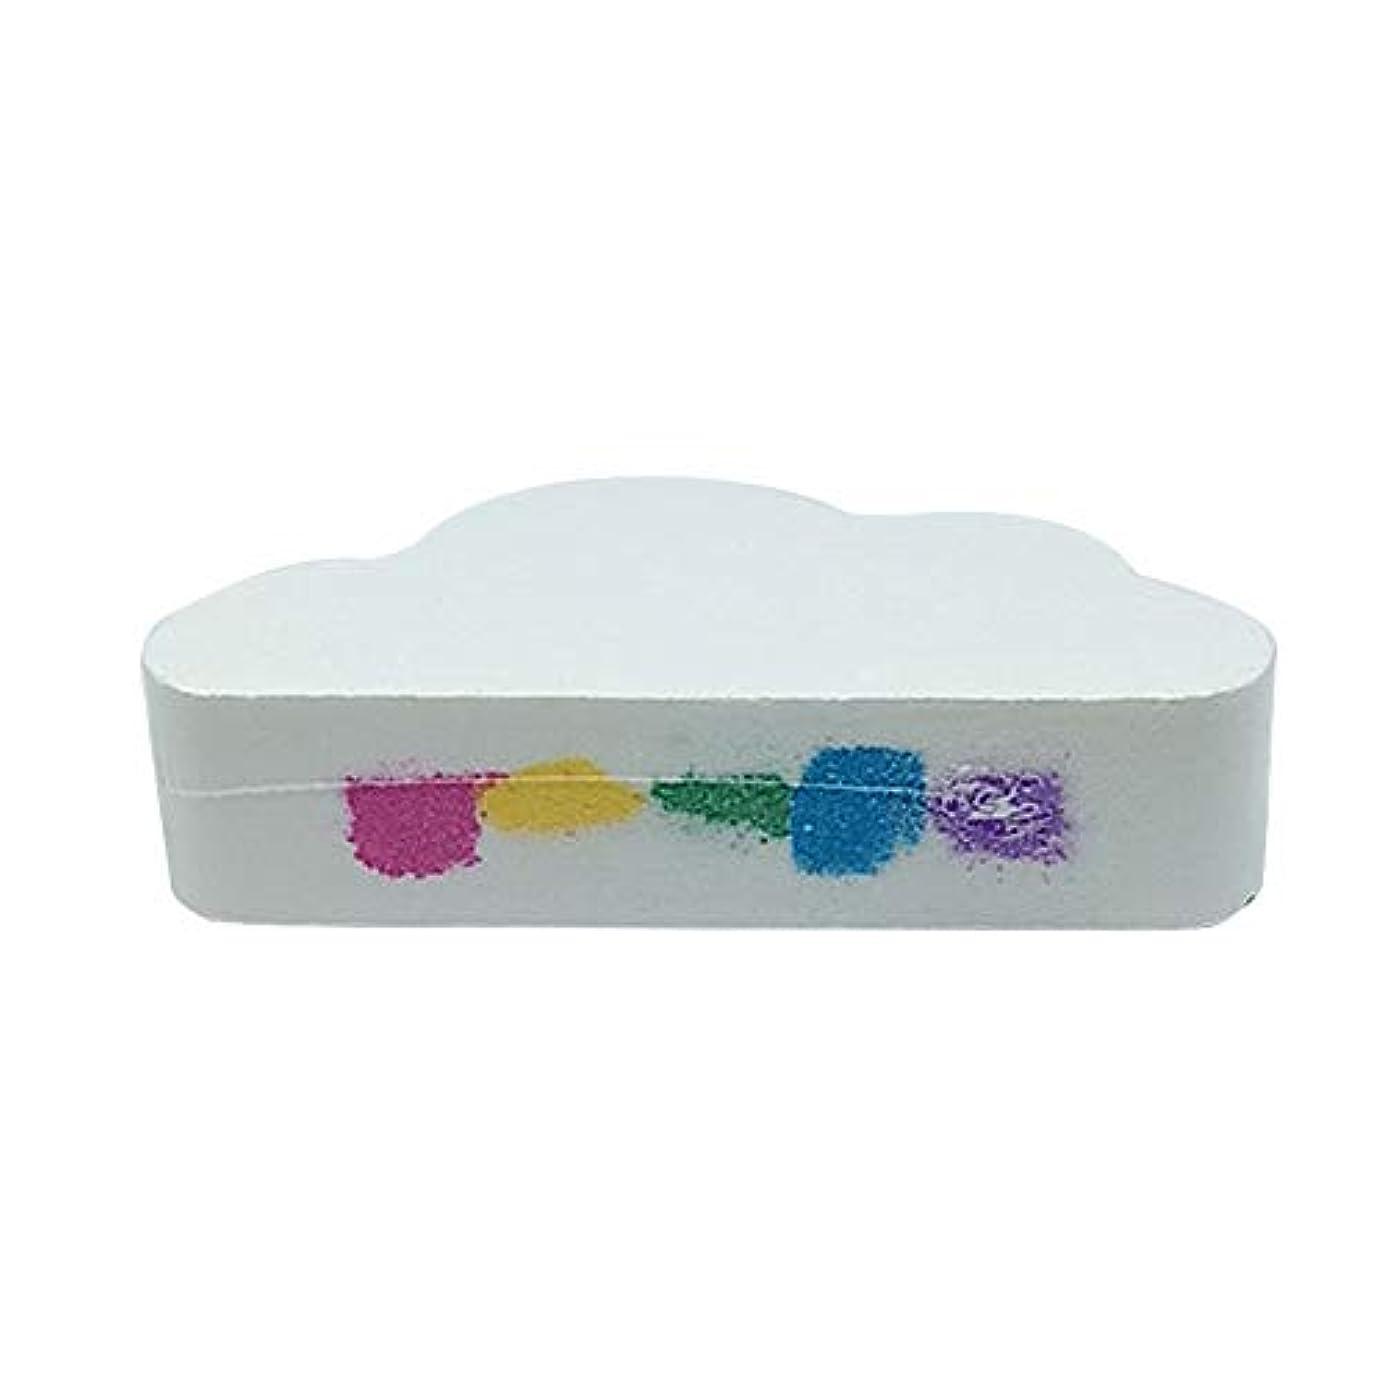 些細スクリーチ宗教的なレインボー入浴剤 バス用 お風呂塩 保湿バブルボール 温泉 入浴剤 スキンケア プレゼント